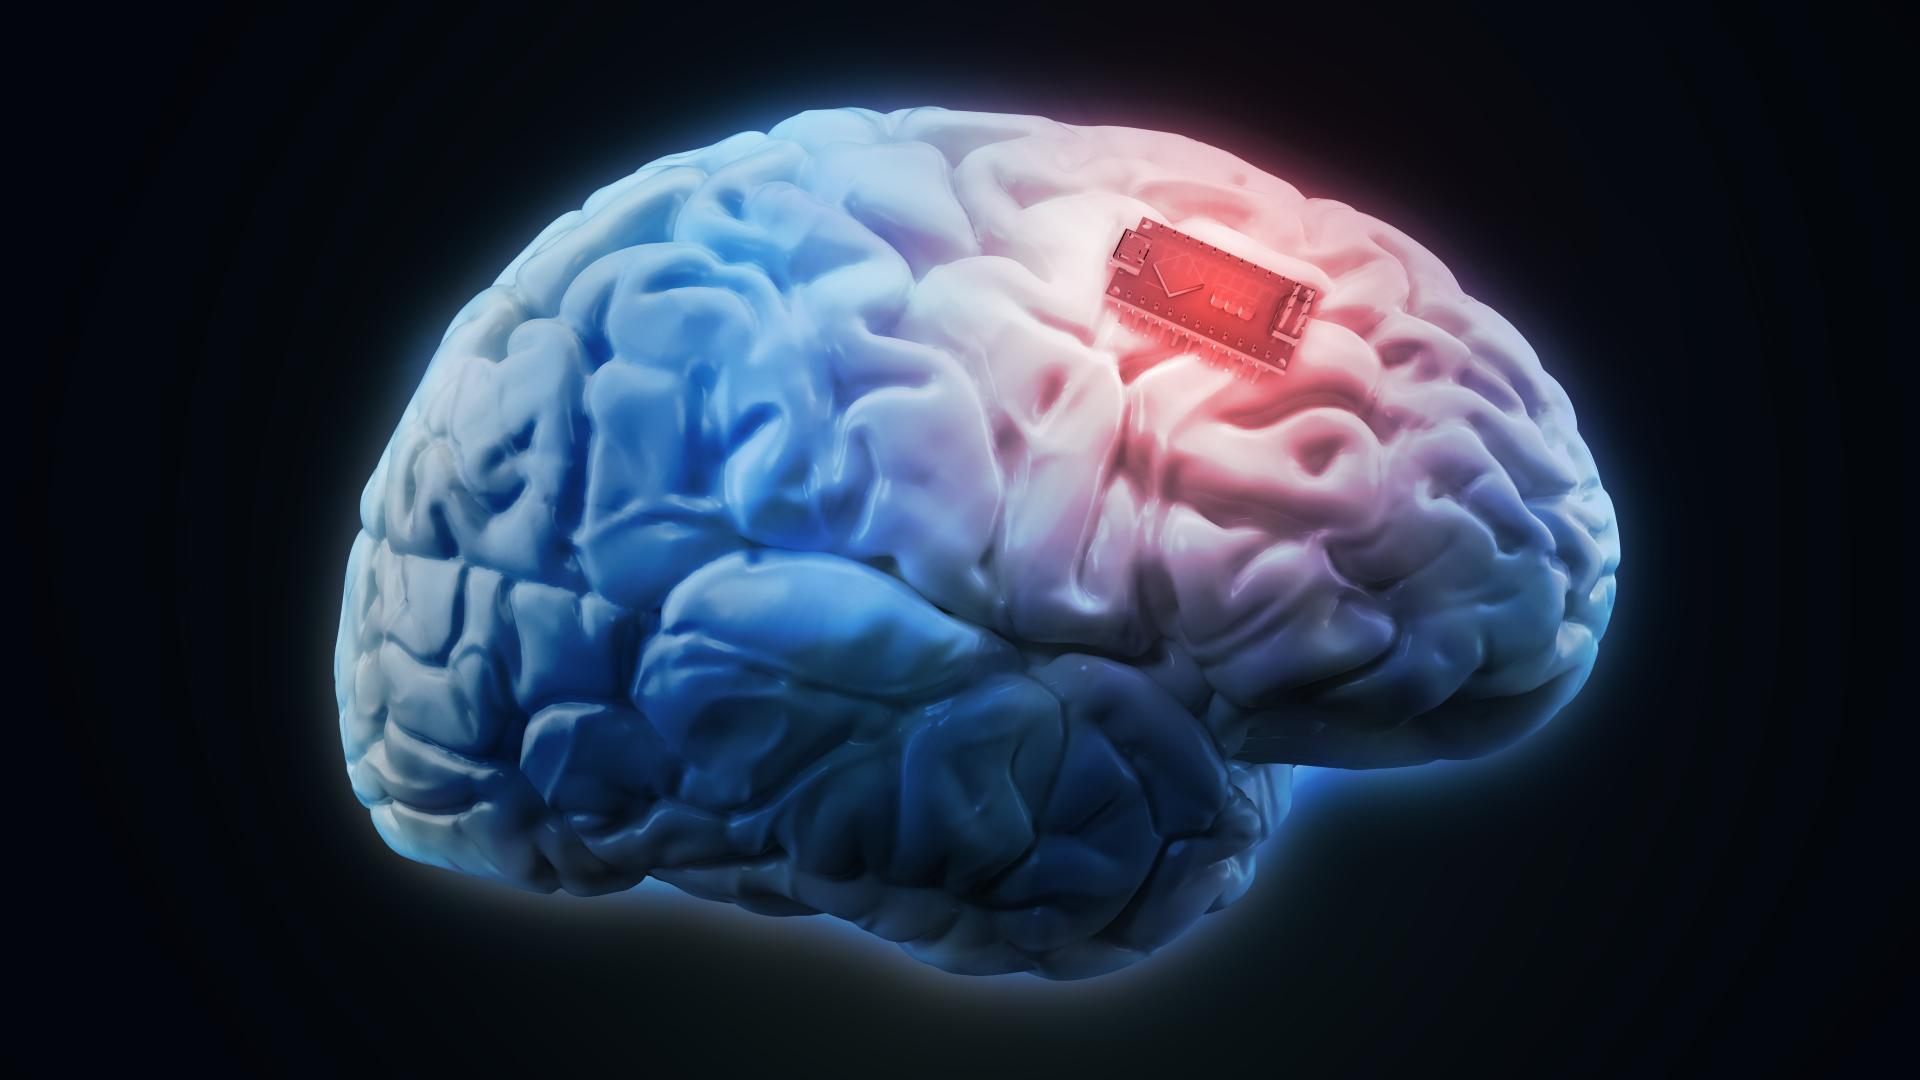 Нейробиологи могут подарить нам вечное блаженство. Но хорошо ли это?